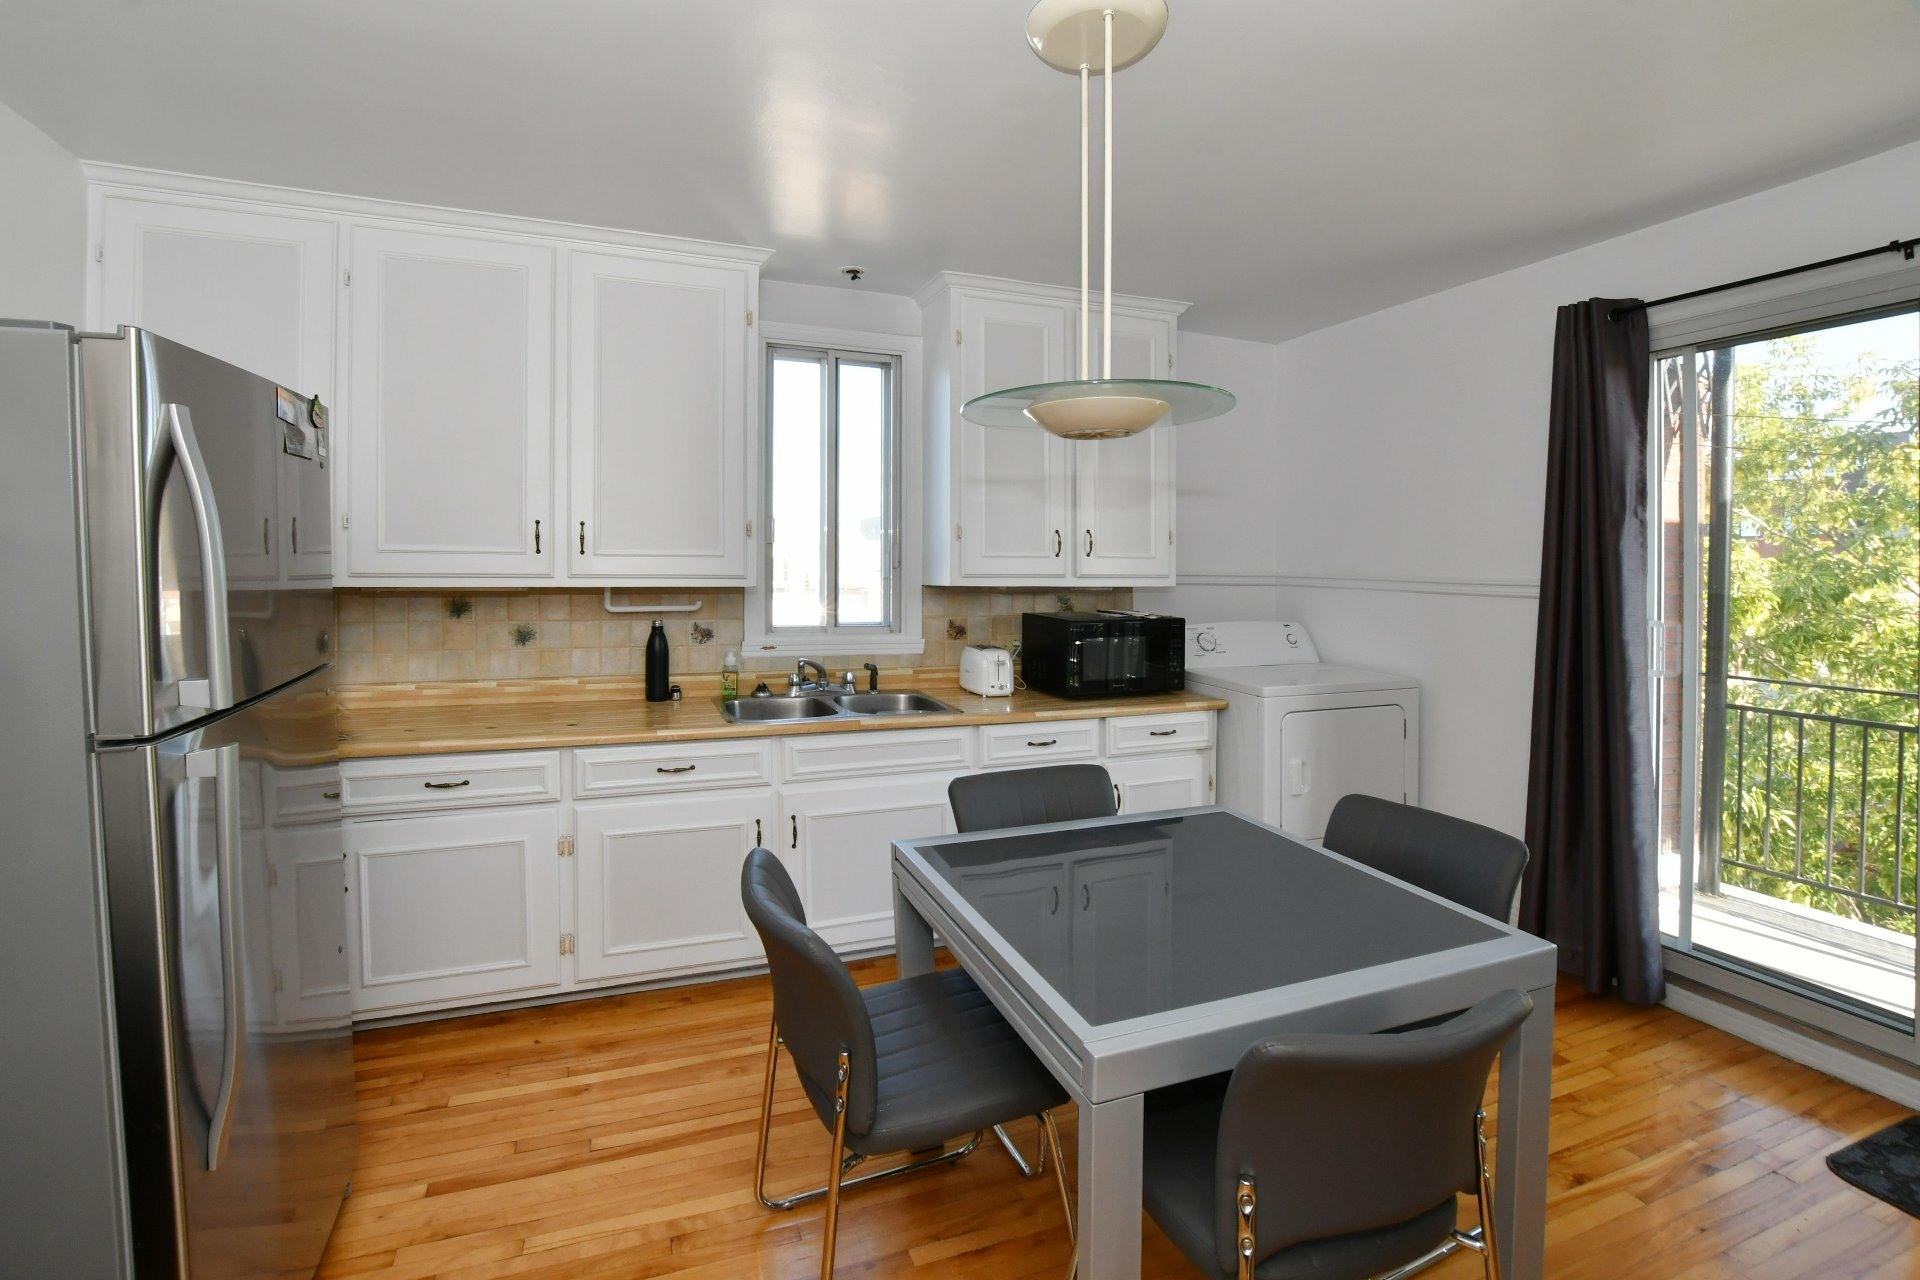 image 2 - Immeuble à revenus À vendre Villeray/Saint-Michel/Parc-Extension Montréal  - 4 pièces